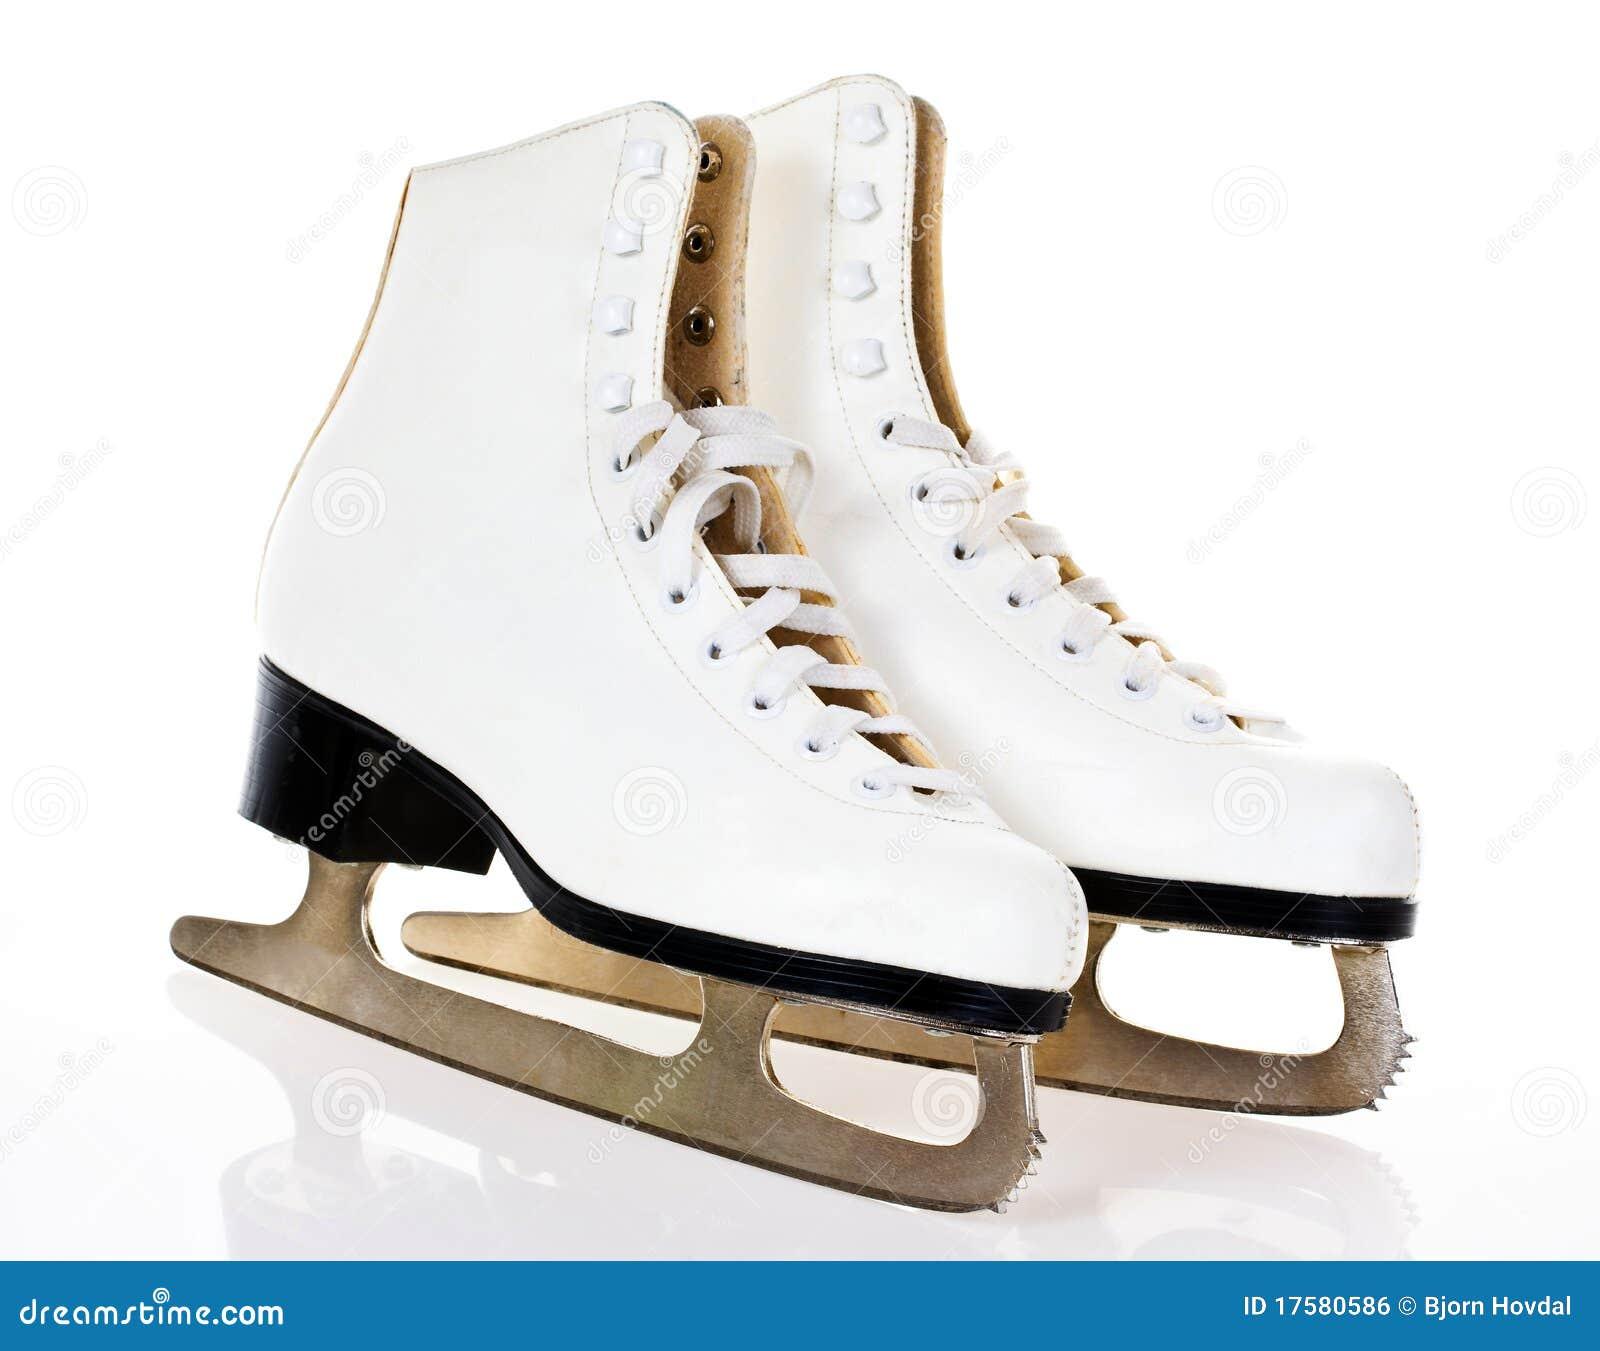 Ice Skates Royalty Free Stock Image - Image: 17580586